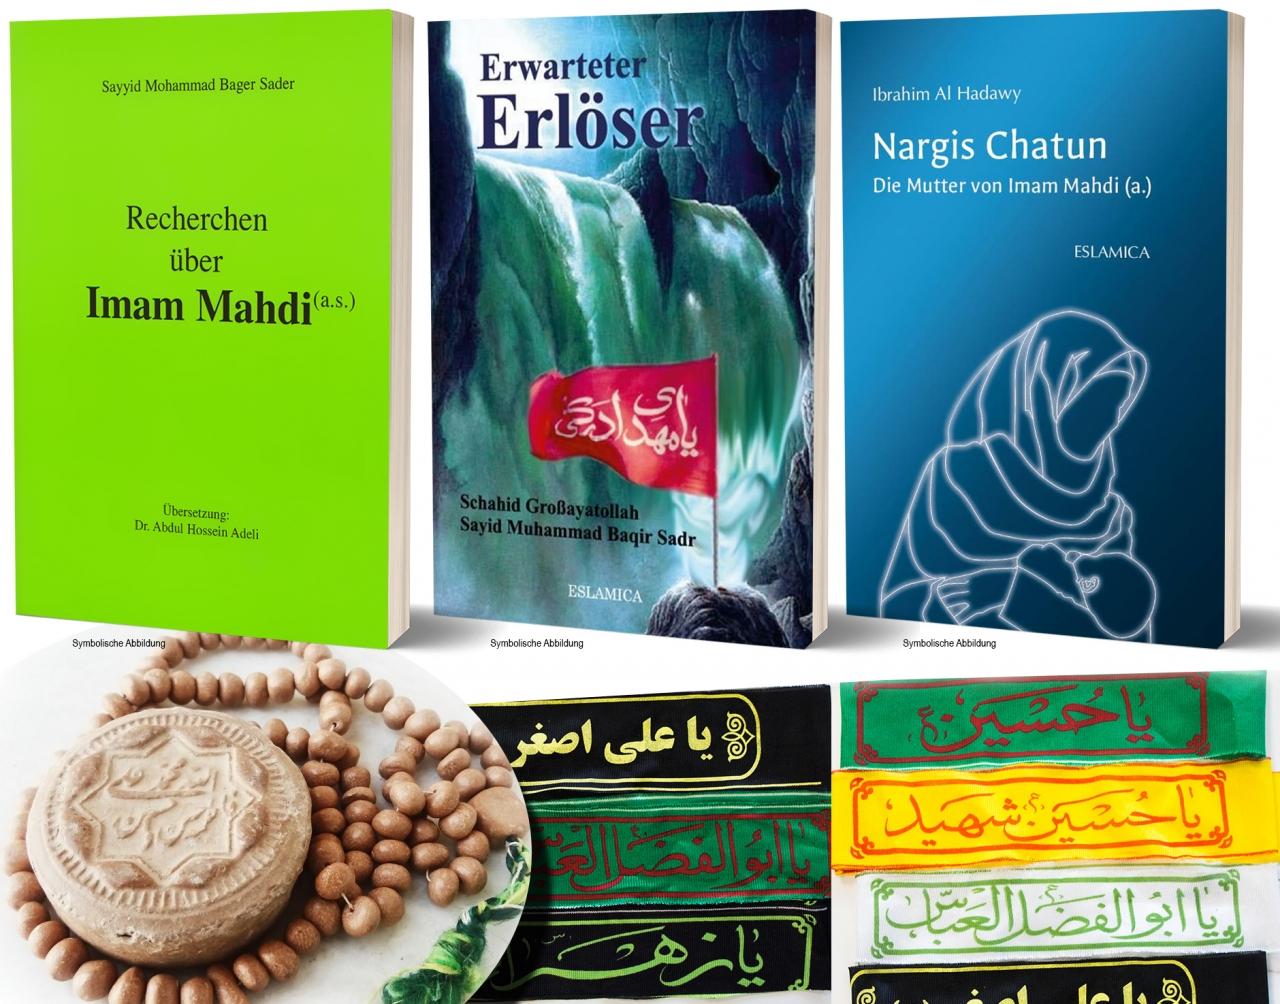 XXL Bundle Imam Mahdi a.s. 3 Bücher (Erwarteter Erlöser, Recherchen, Nargis) + Gebetskette Turba und